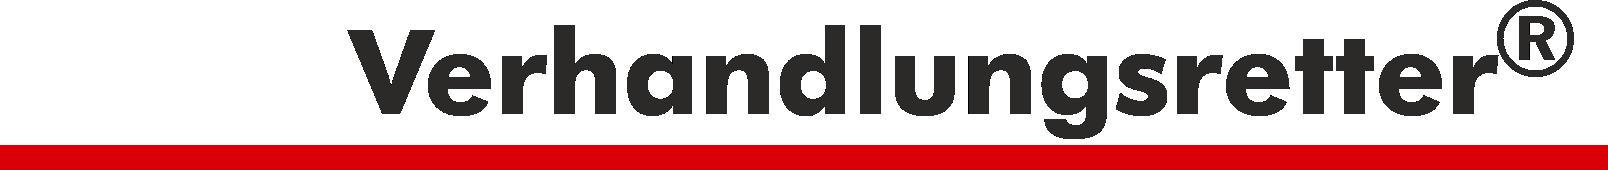 Verhandlungsretter-Logo